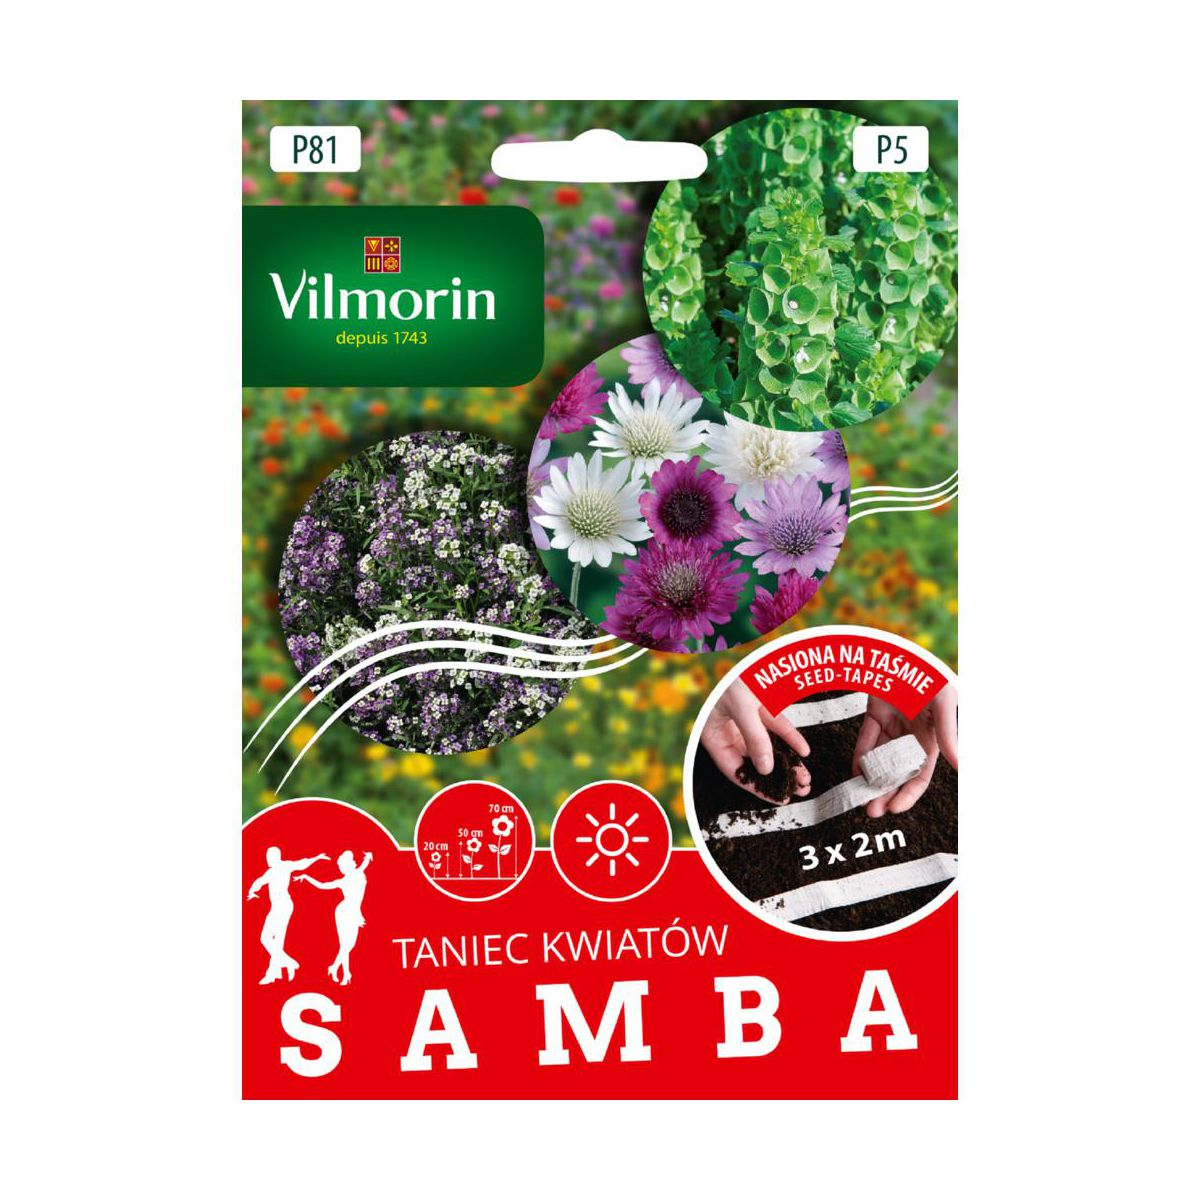 Mieszanka kwiatów SAMBA nasiona na taśmie 3 x 2 m VILMORIN